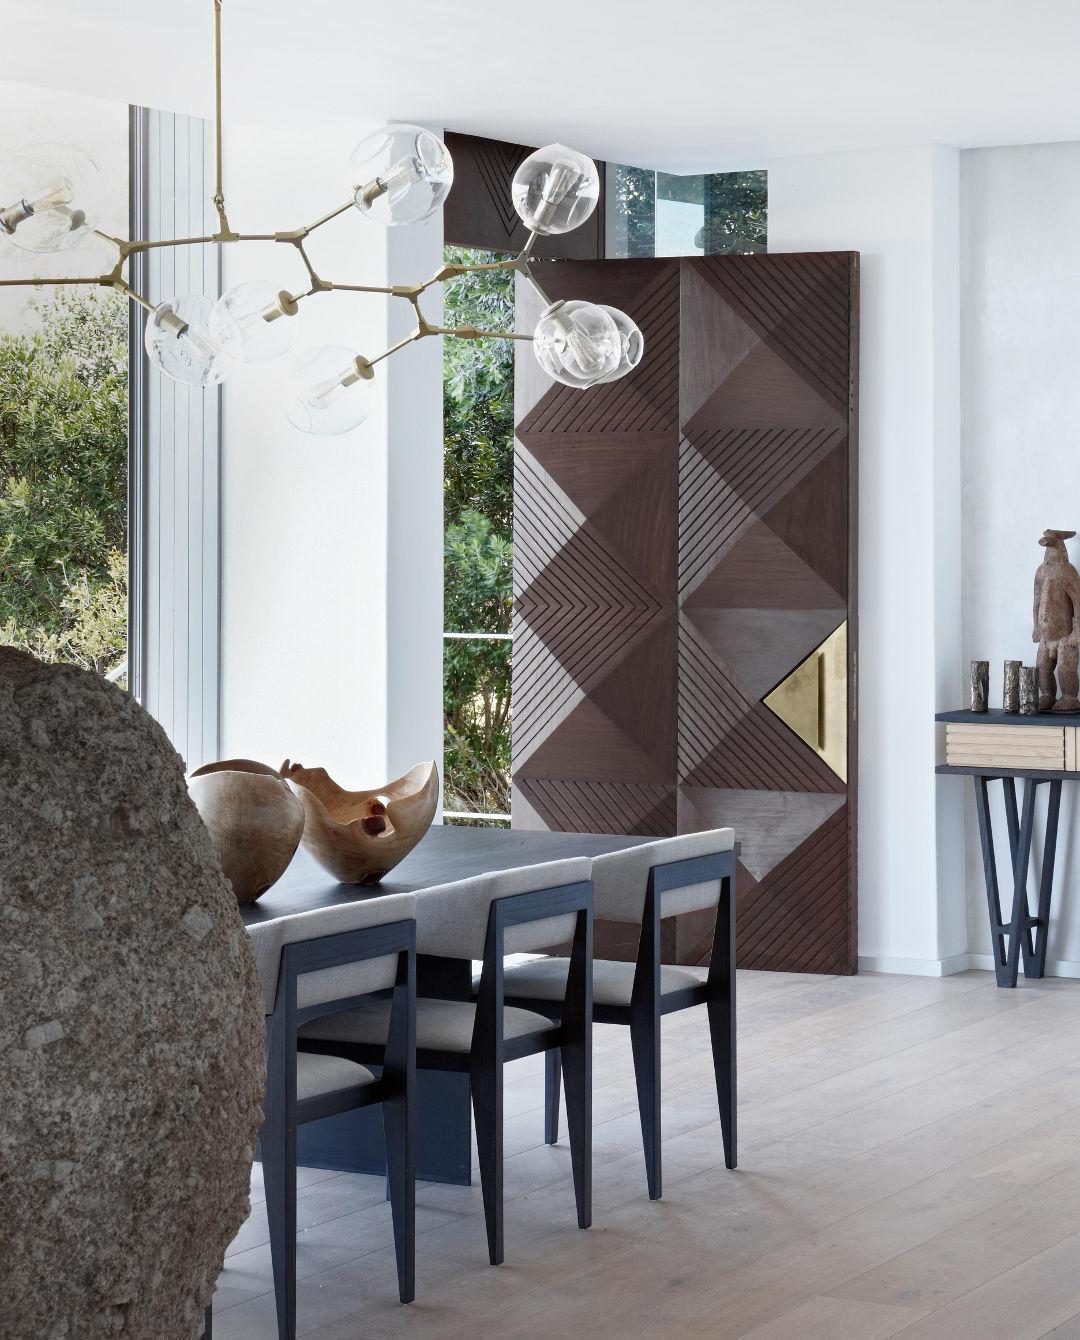 Garden Decor Cape Town: Interior Design & Décor Studio Based In Cape Town